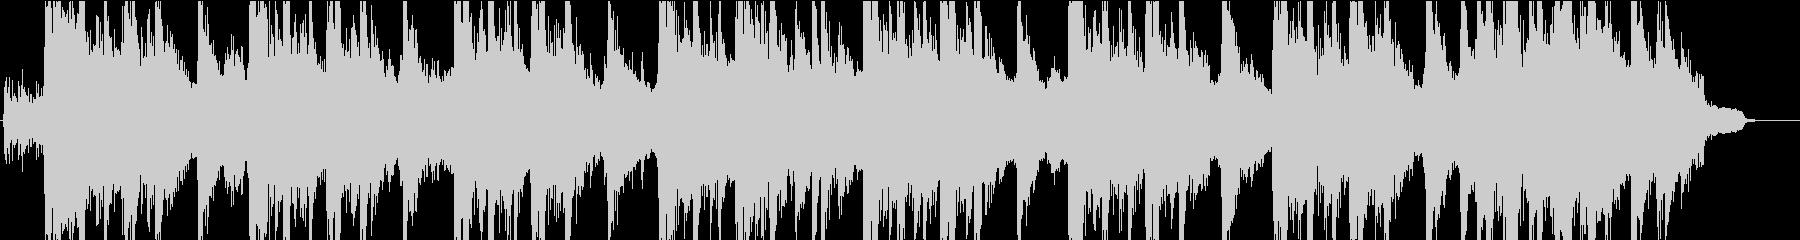 重厚でリズミカルなロックジングルの未再生の波形